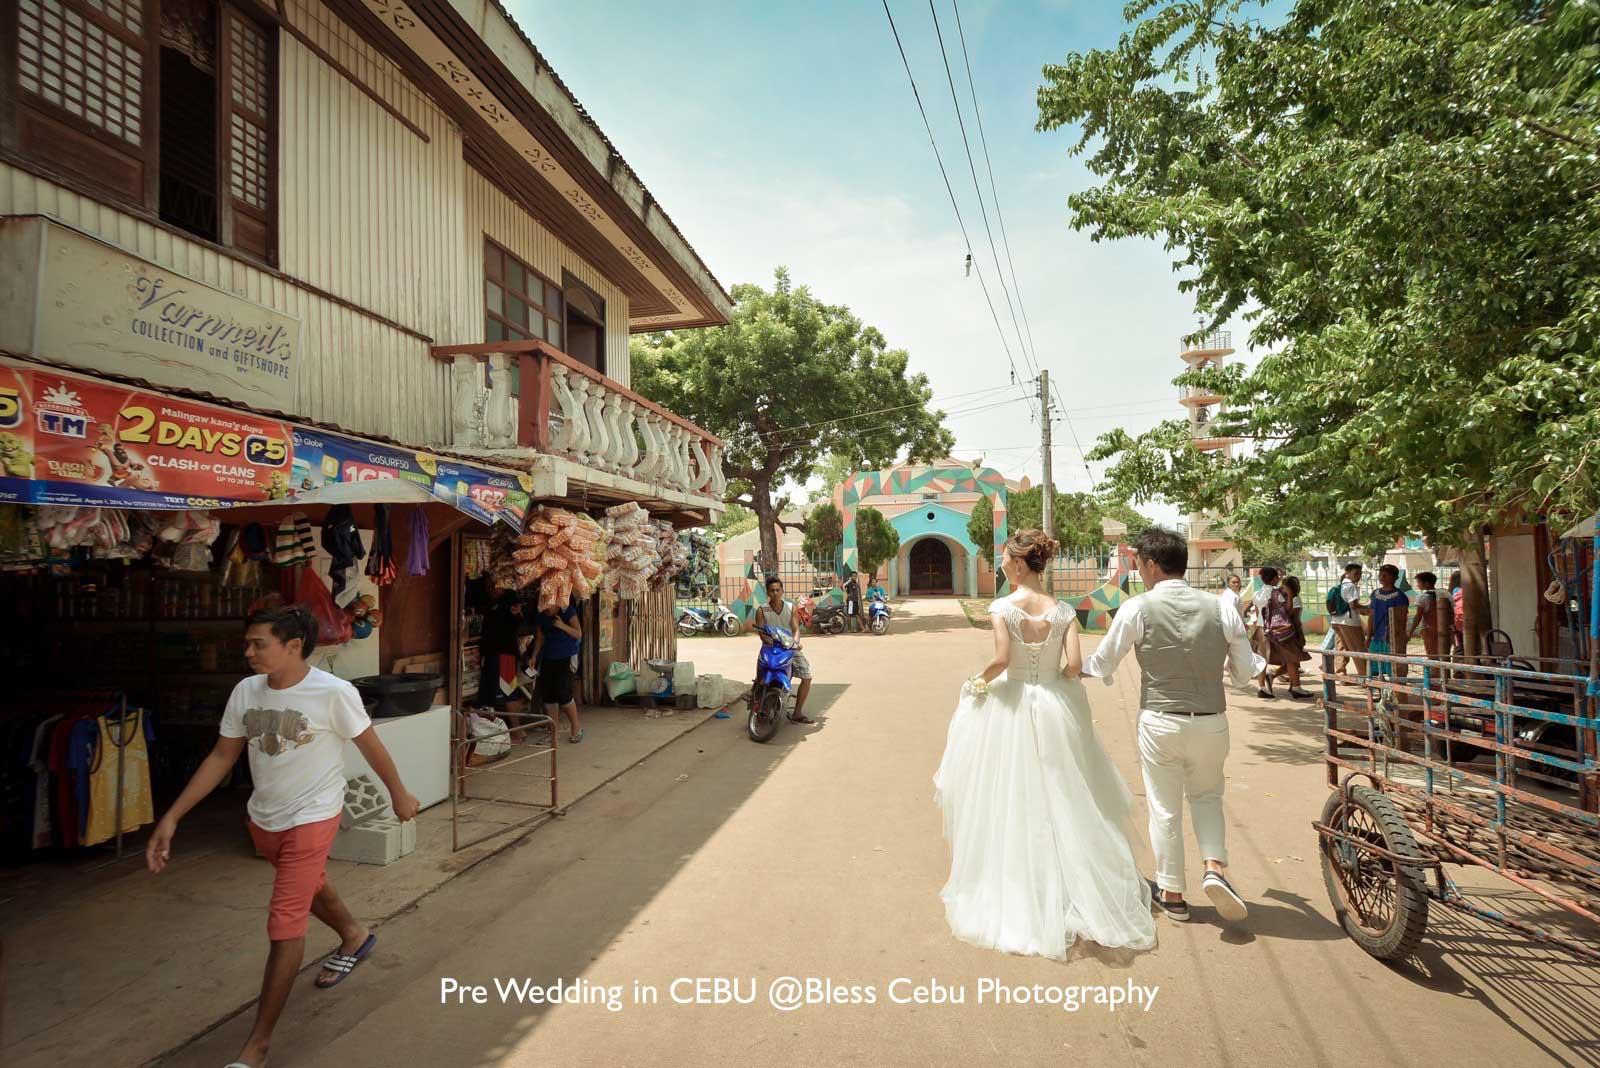 オランゴ村フォトで地元の人々と触れ合う風景も撮影